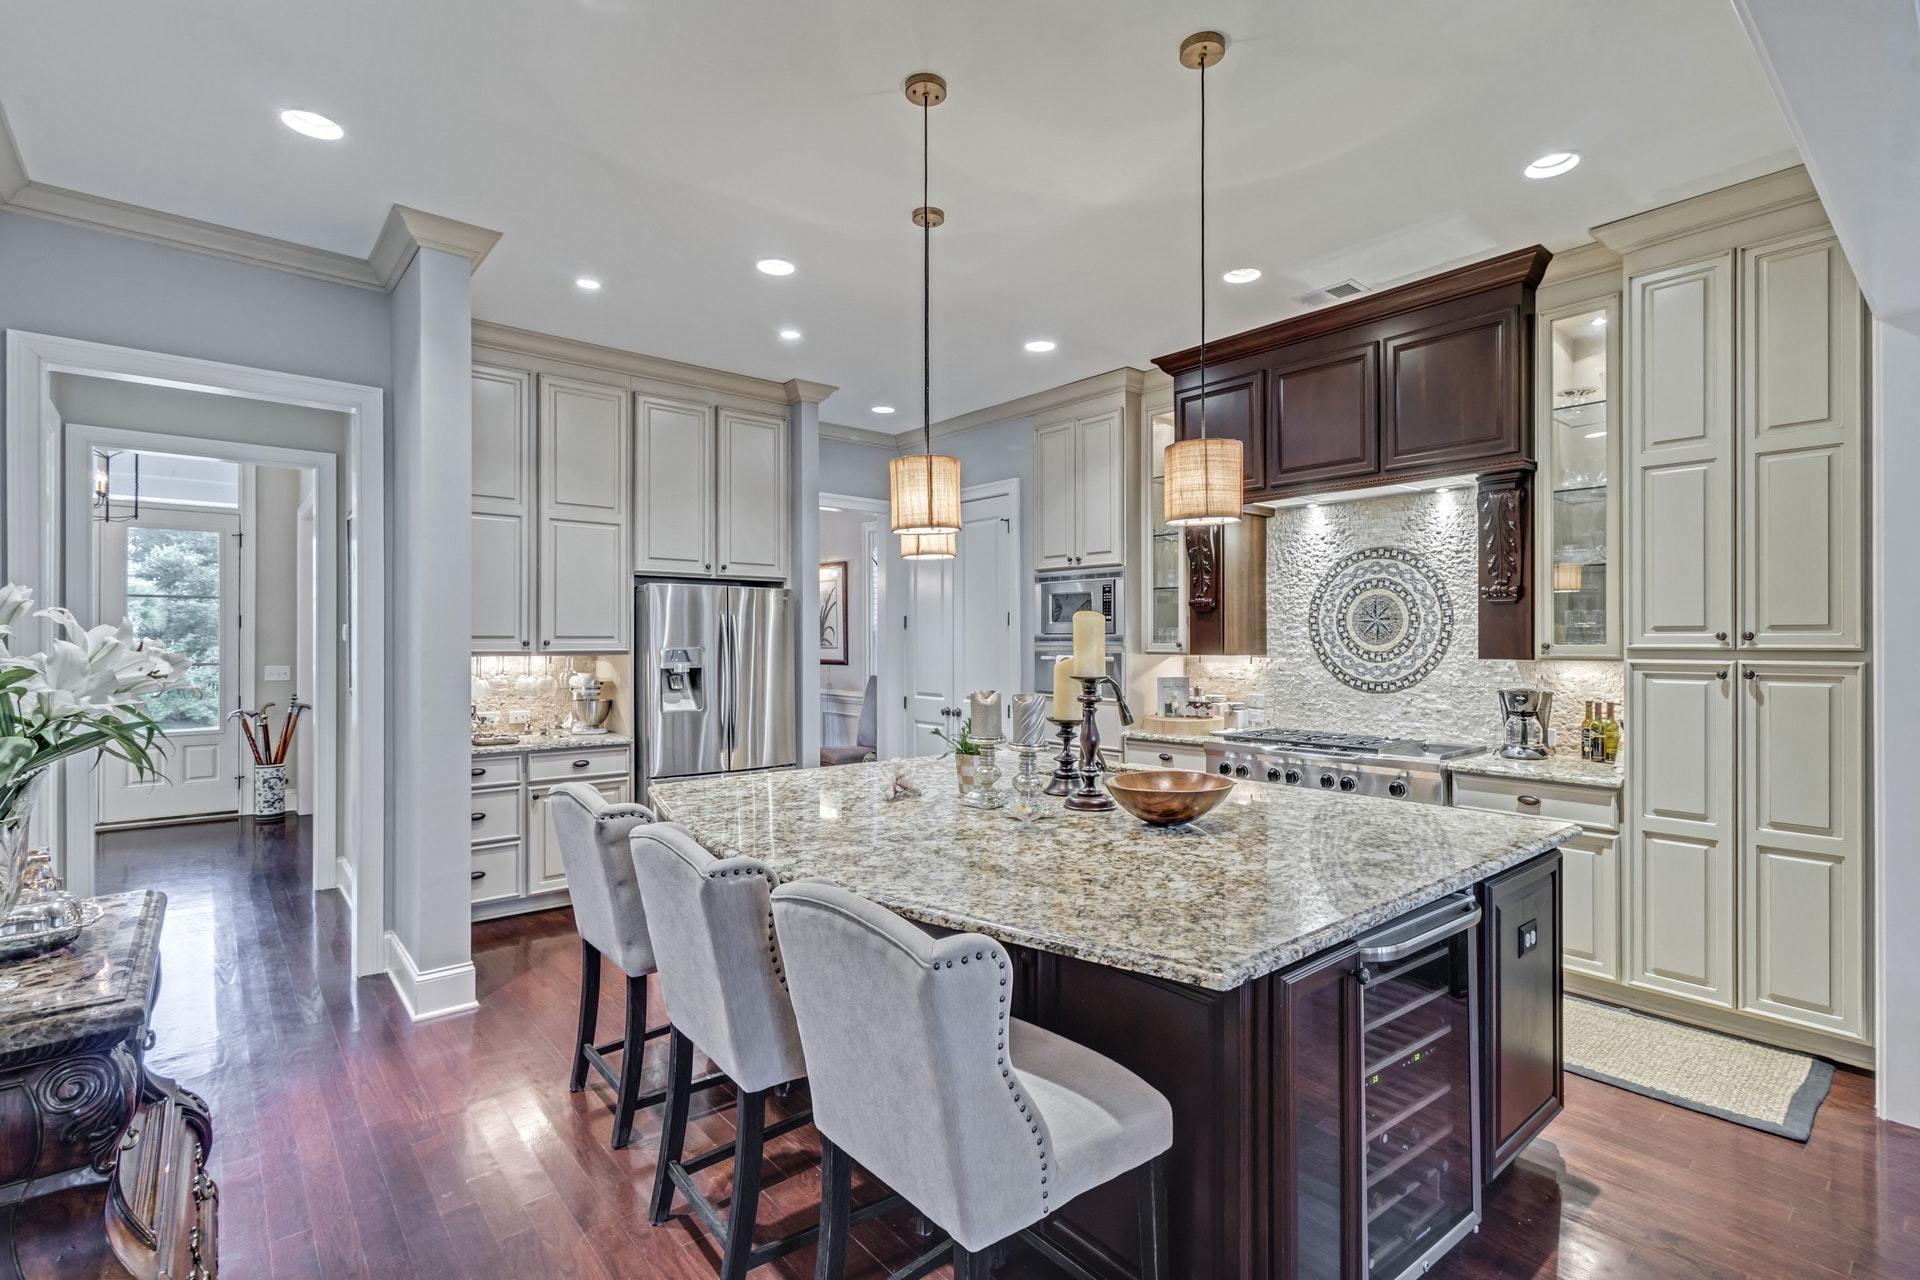 Dunes West Homes For Sale - 2816 River Vista, Mount Pleasant, SC - 2